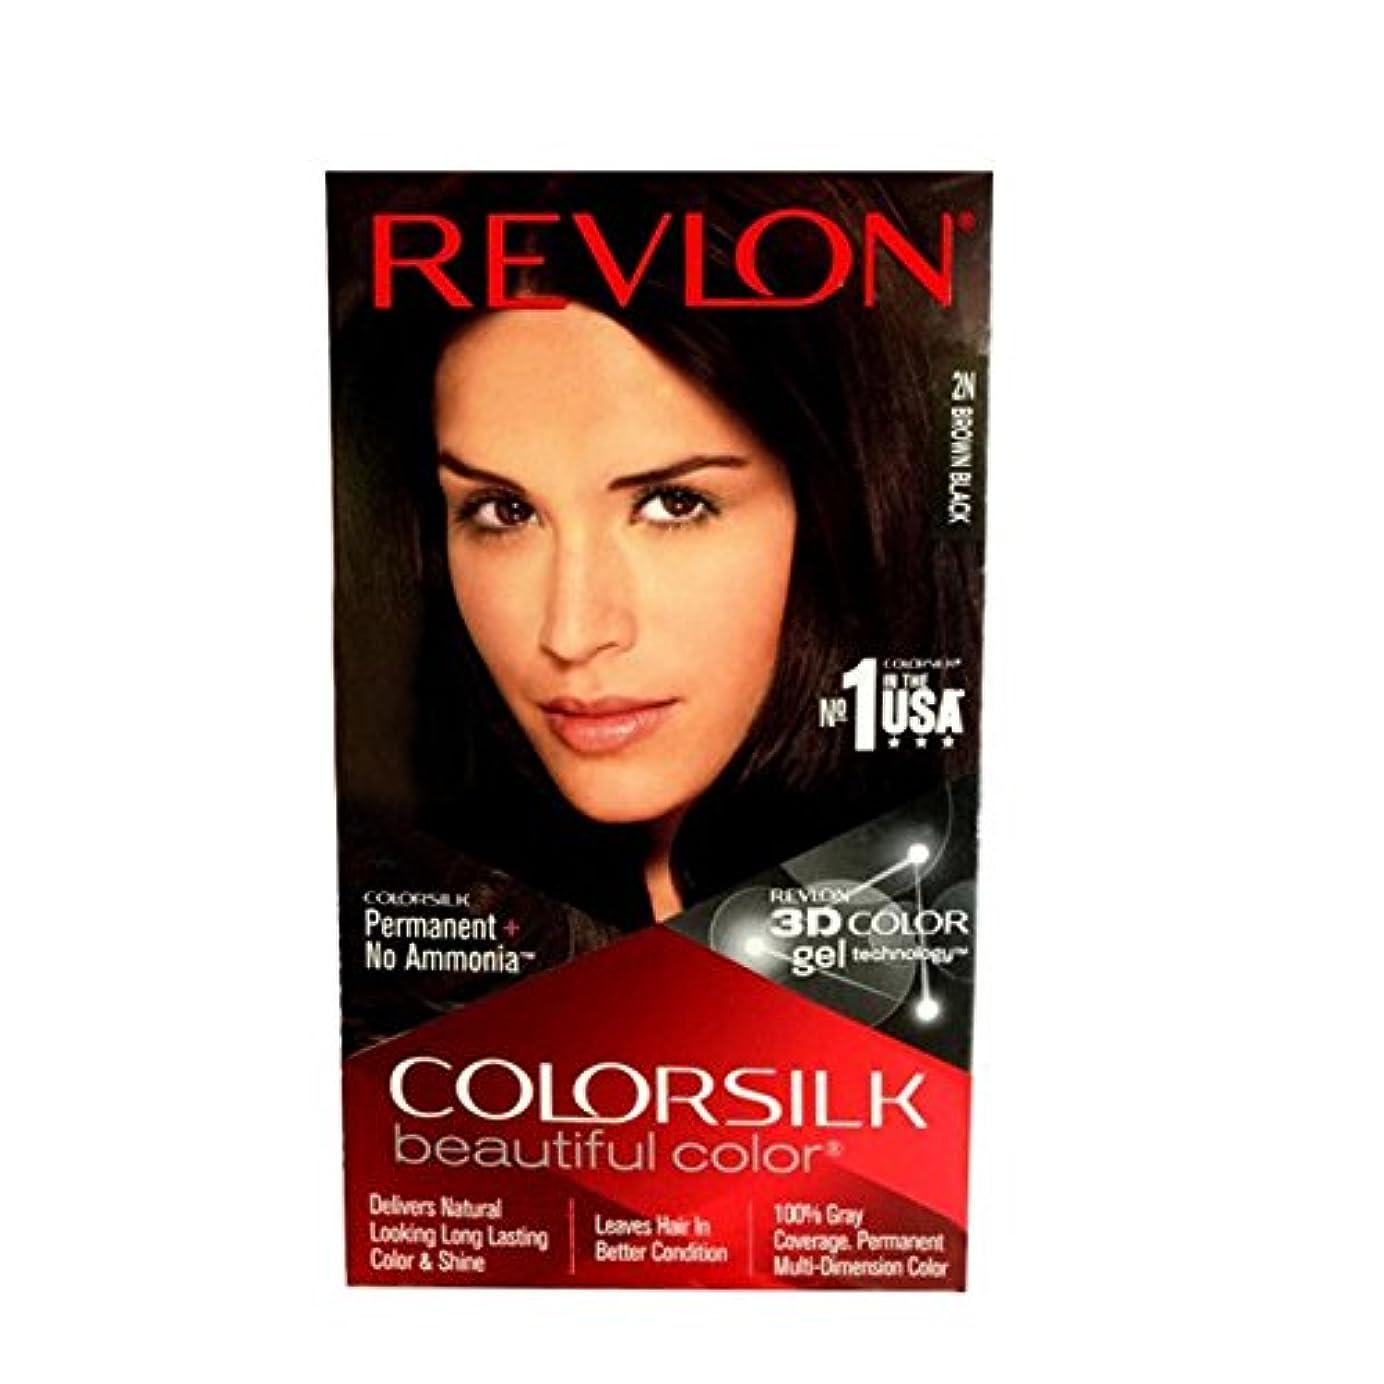 安定協定殺すRevlon Colorsilk Hair Color with 3D Color Gel Technology 2N Brown Black